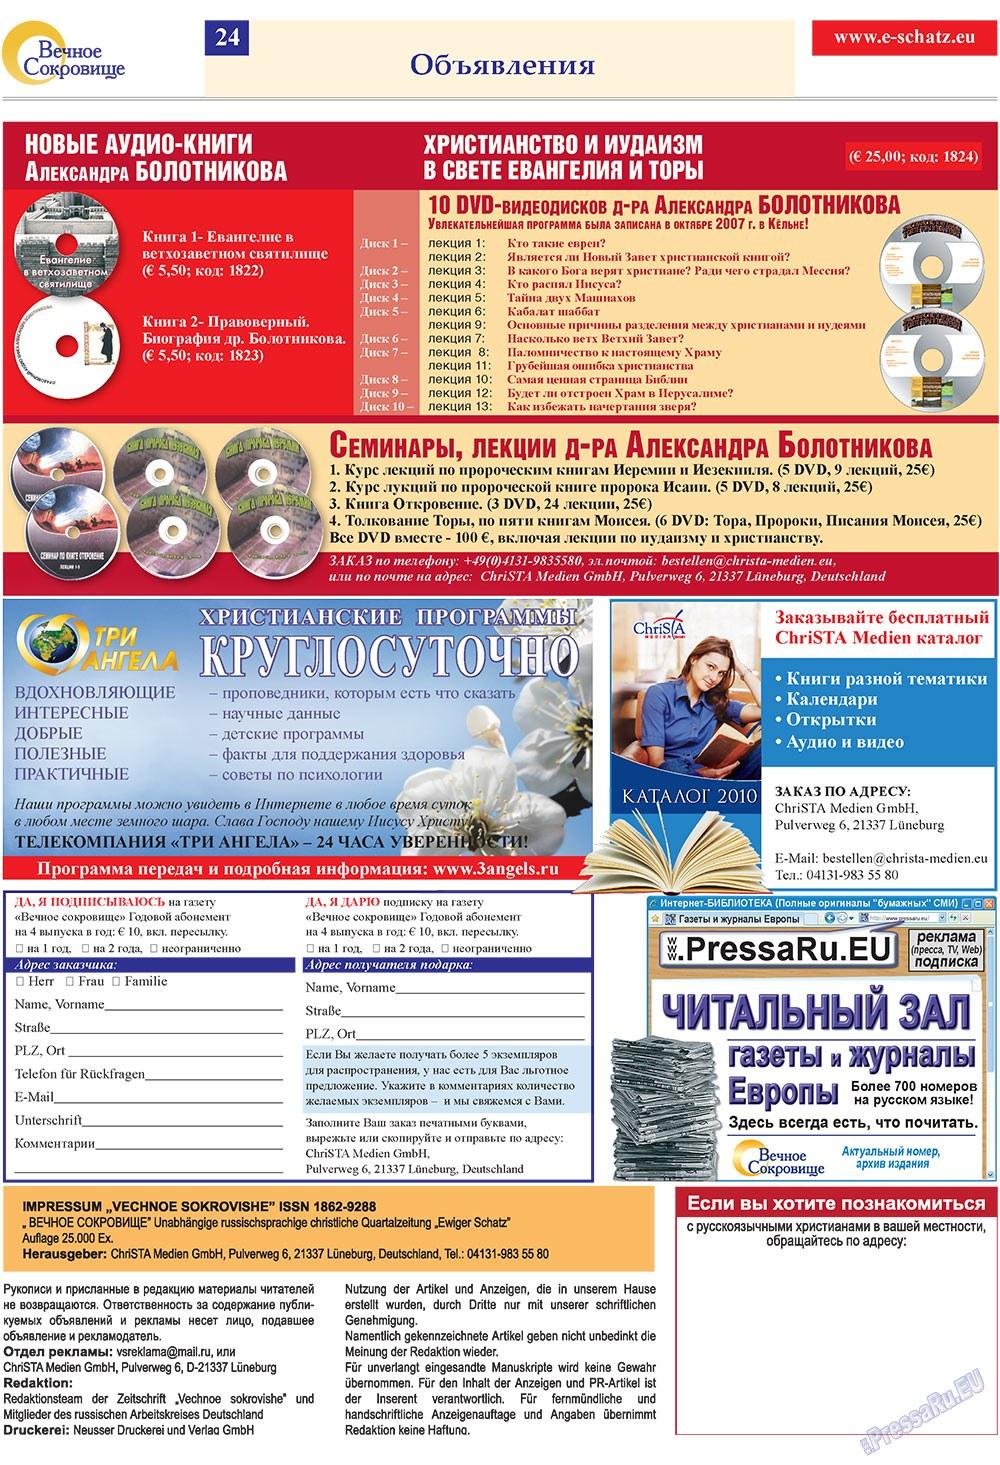 Вечное сокровище (газета). 2010 год, номер 1, стр. 24